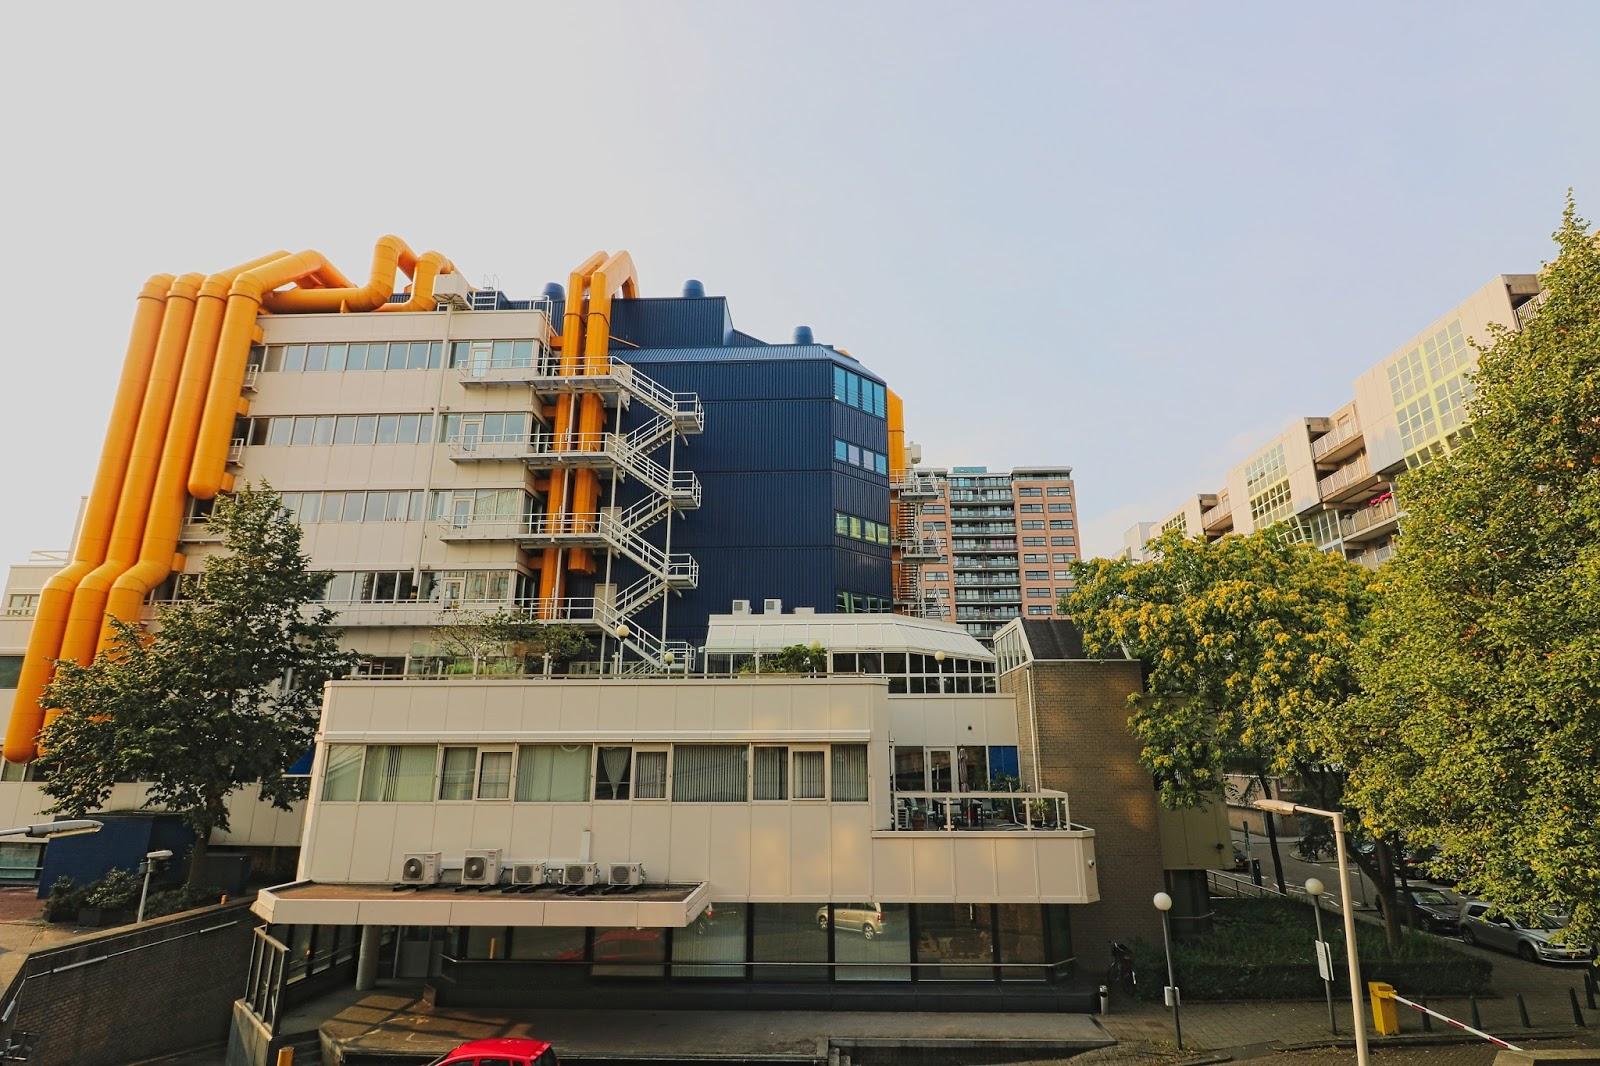 architektura, Holandia, modernistyczna architektura,